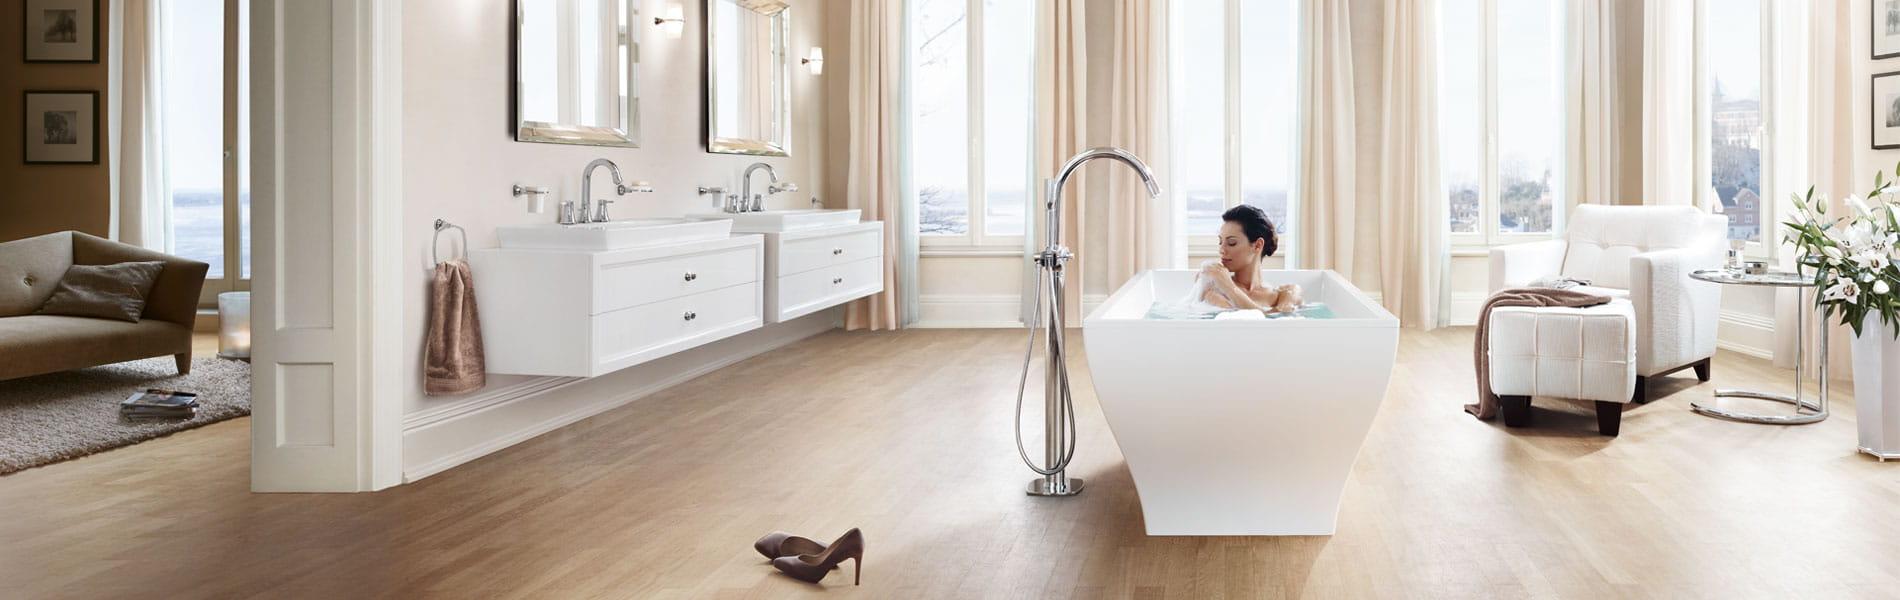 Grandera Bathroom